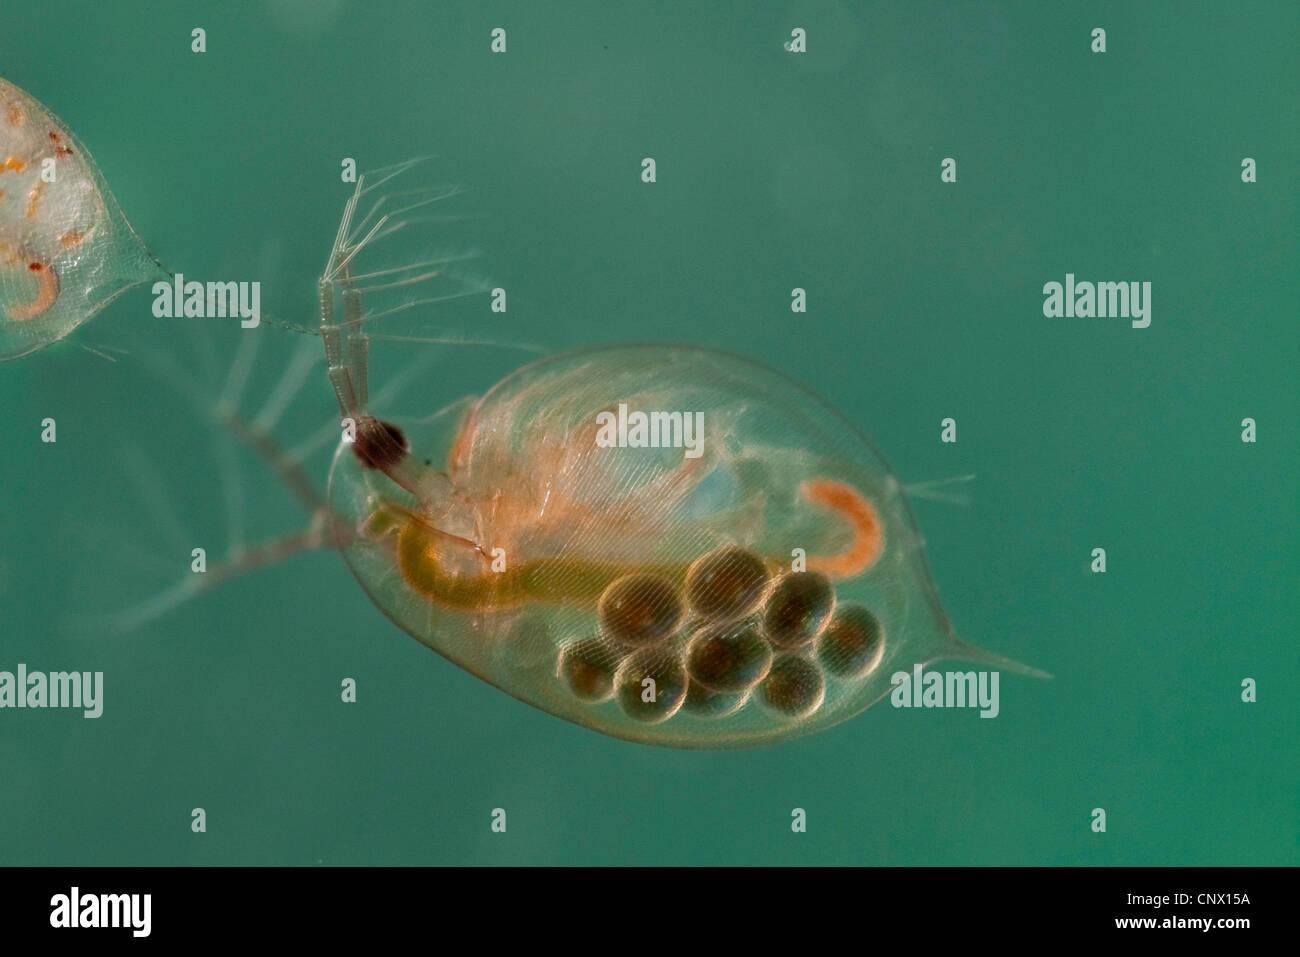 common water flea (Daphnia pulex), female with subitan eggs in the brood pouch - Stock Image